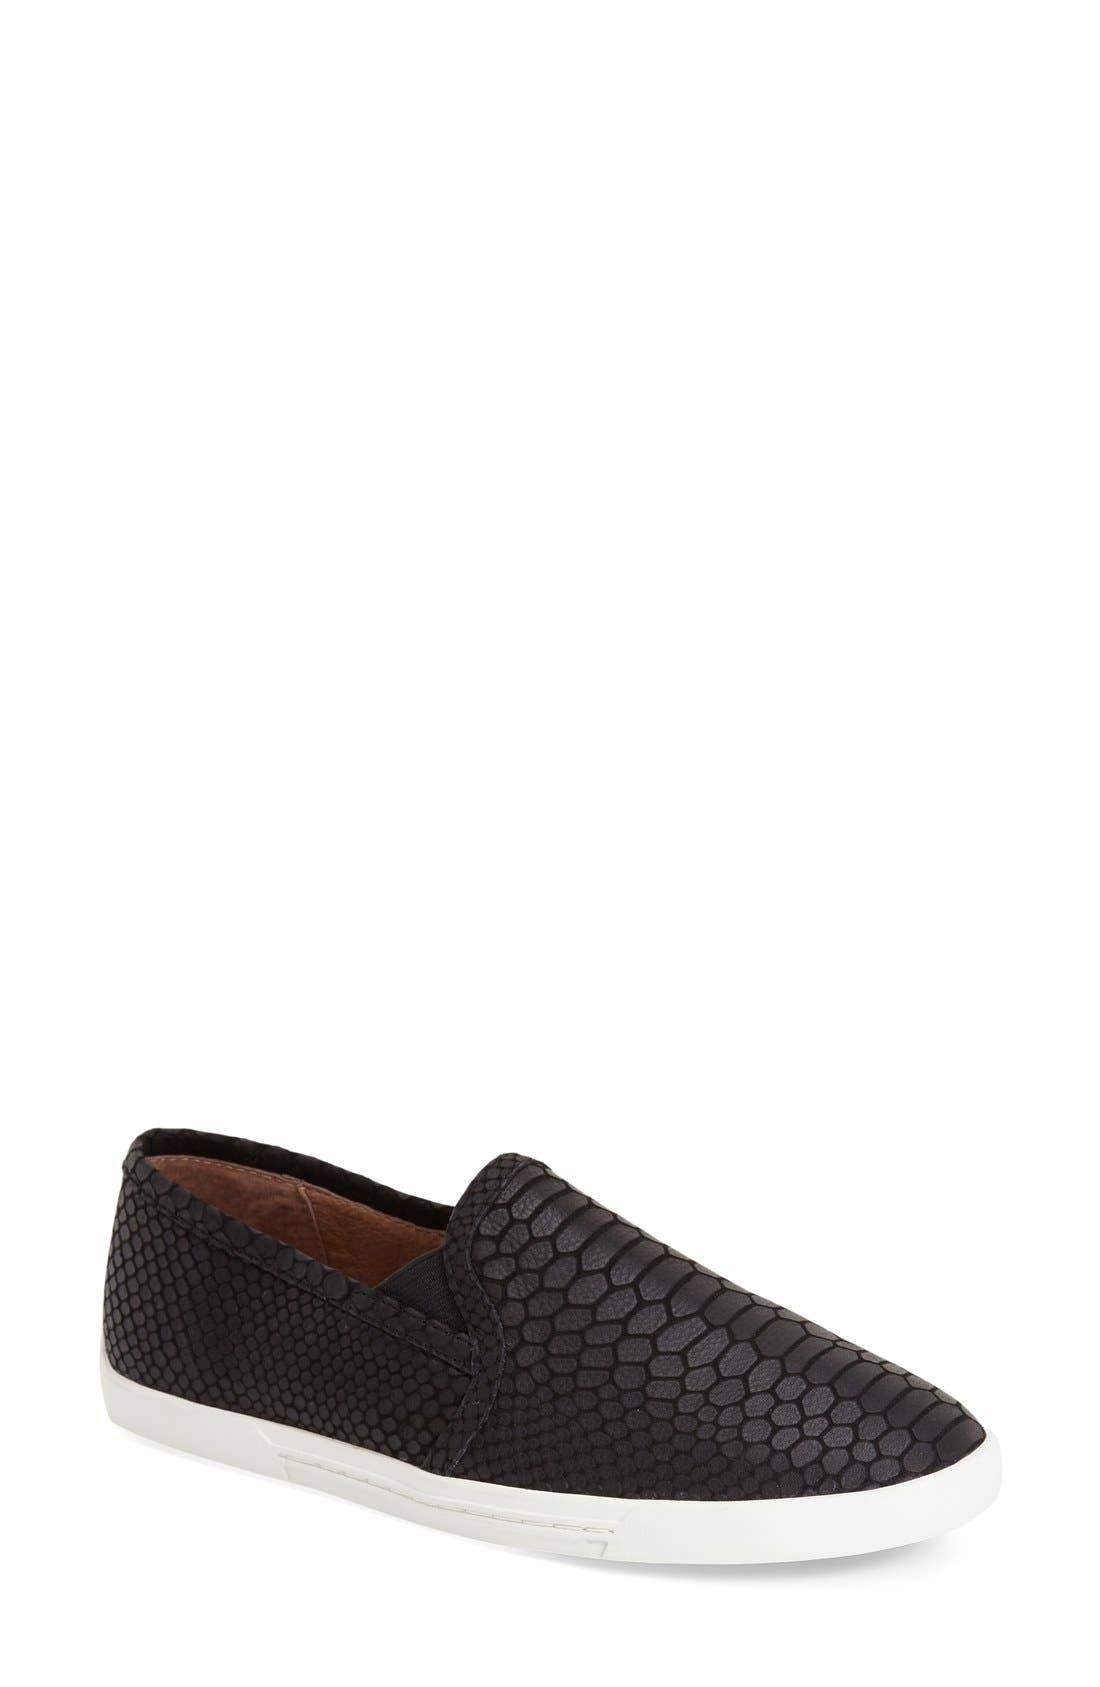 'Kidmore' Sneaker,                         Main,                         color,